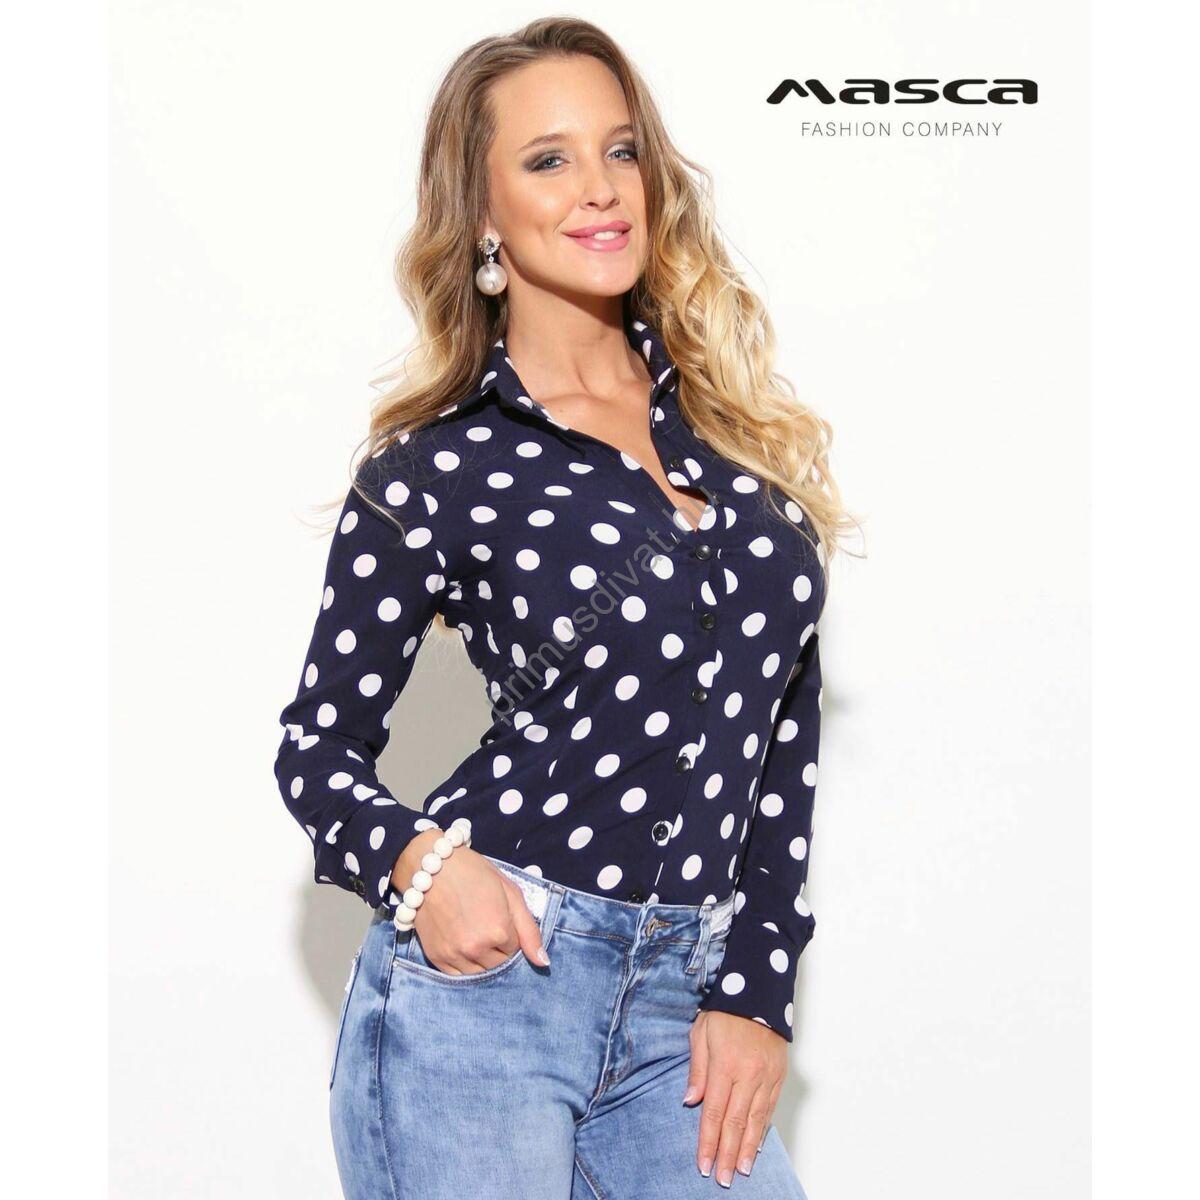 415dad02fb Kép 1/2 - Masca Fashion kék-fehér pöttyös rugalmas anyagú hosszú ujjú  ingblúz